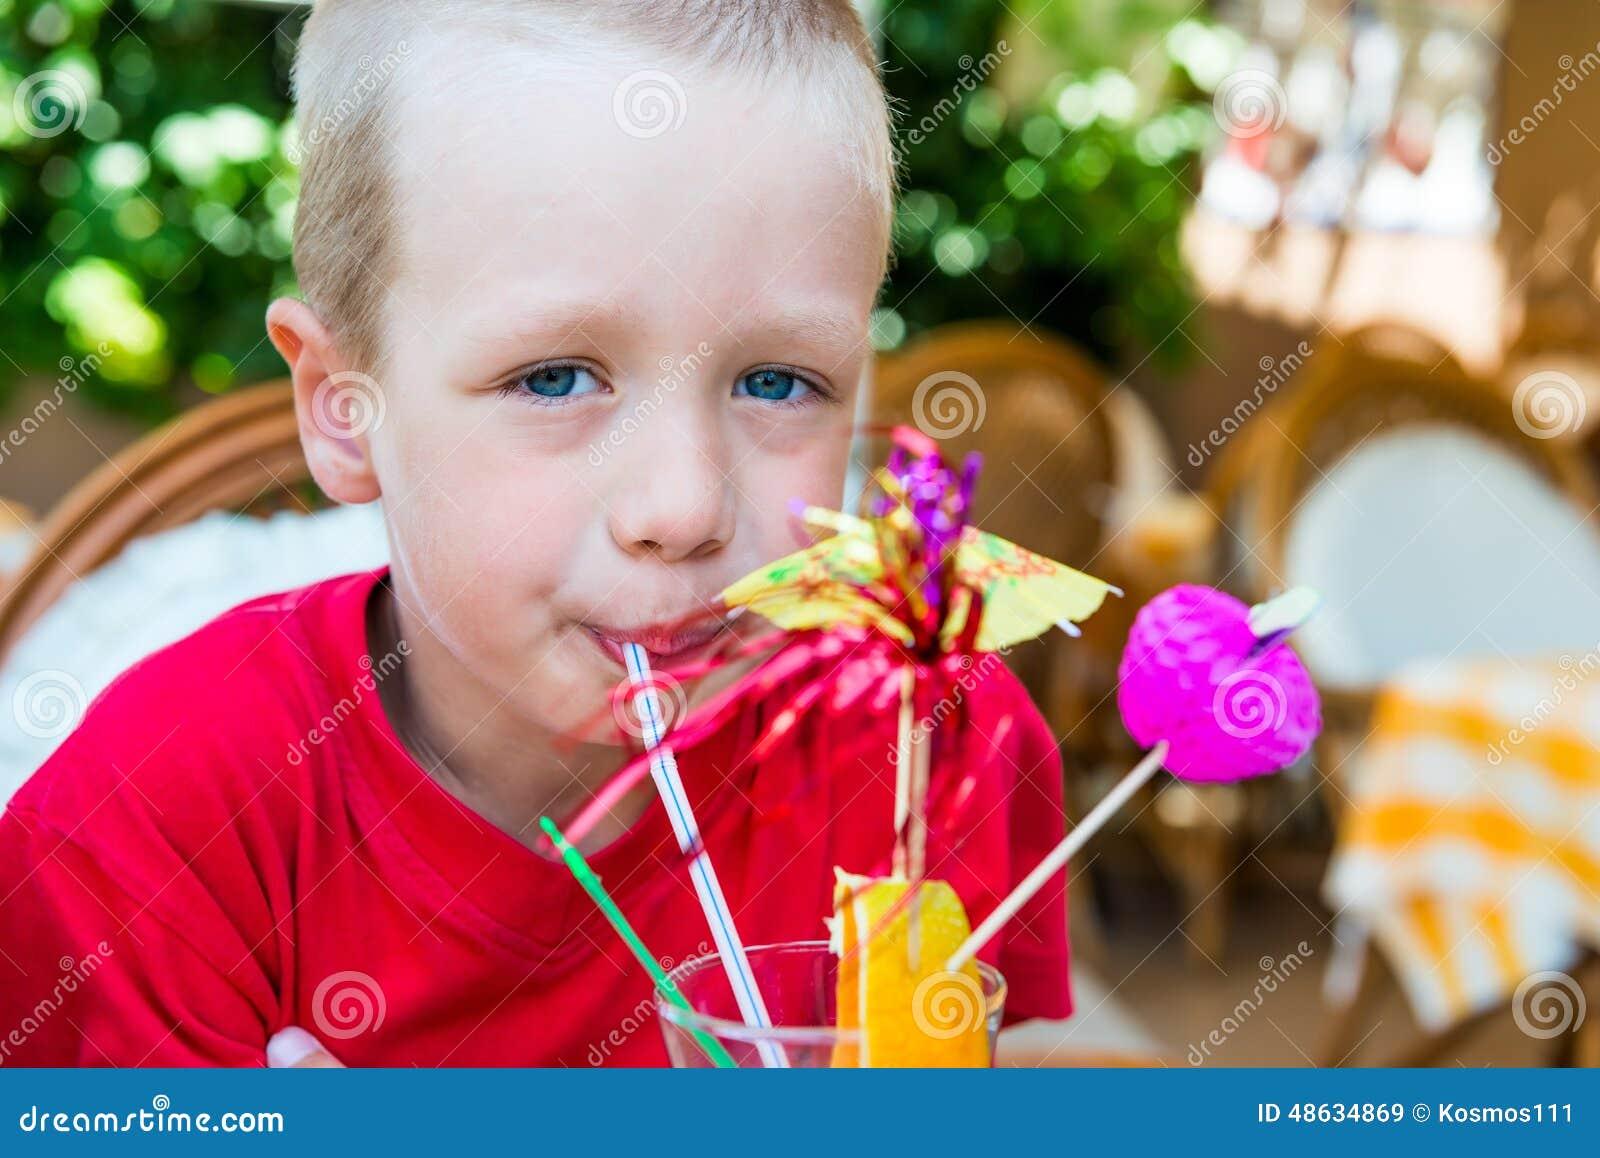 5 jaar oude jongens die een cocktail drinken stock foto afbeelding 48634869 - Jaar oude meisje kamer foto ...